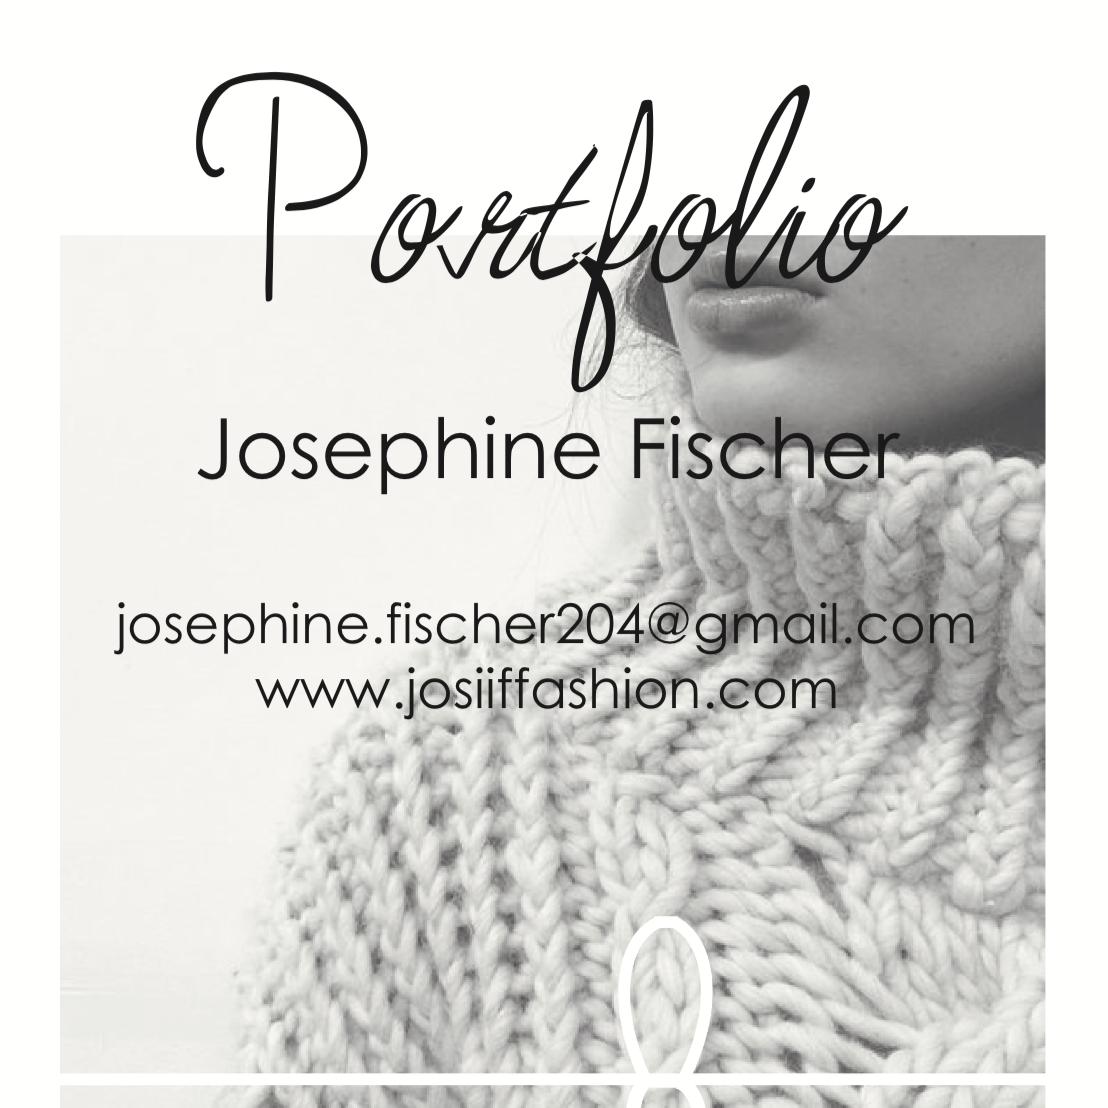 01012018: #portfolio update